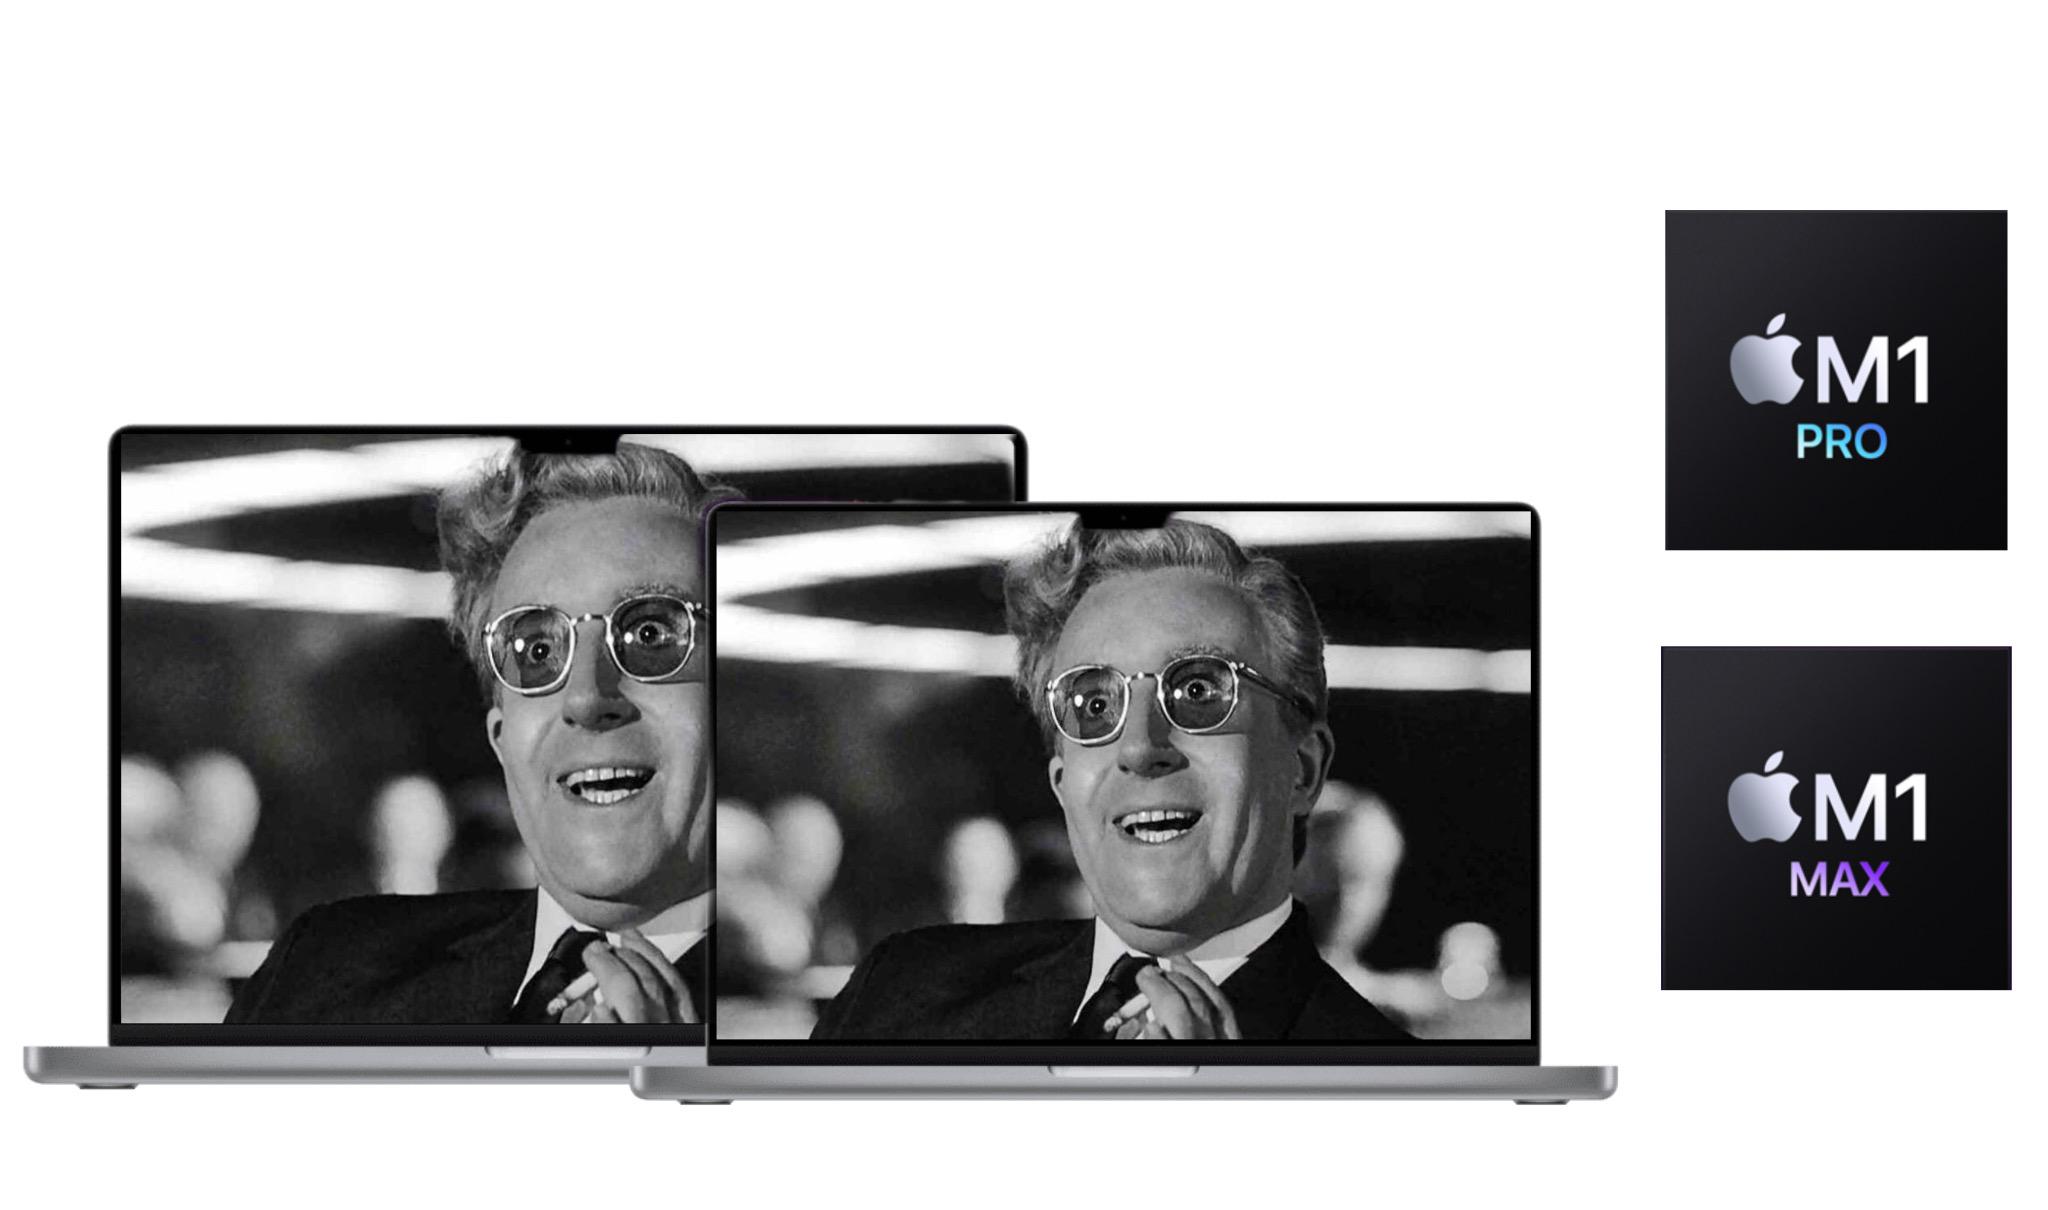 MacBook Pro e M1 Pro e M1 Max